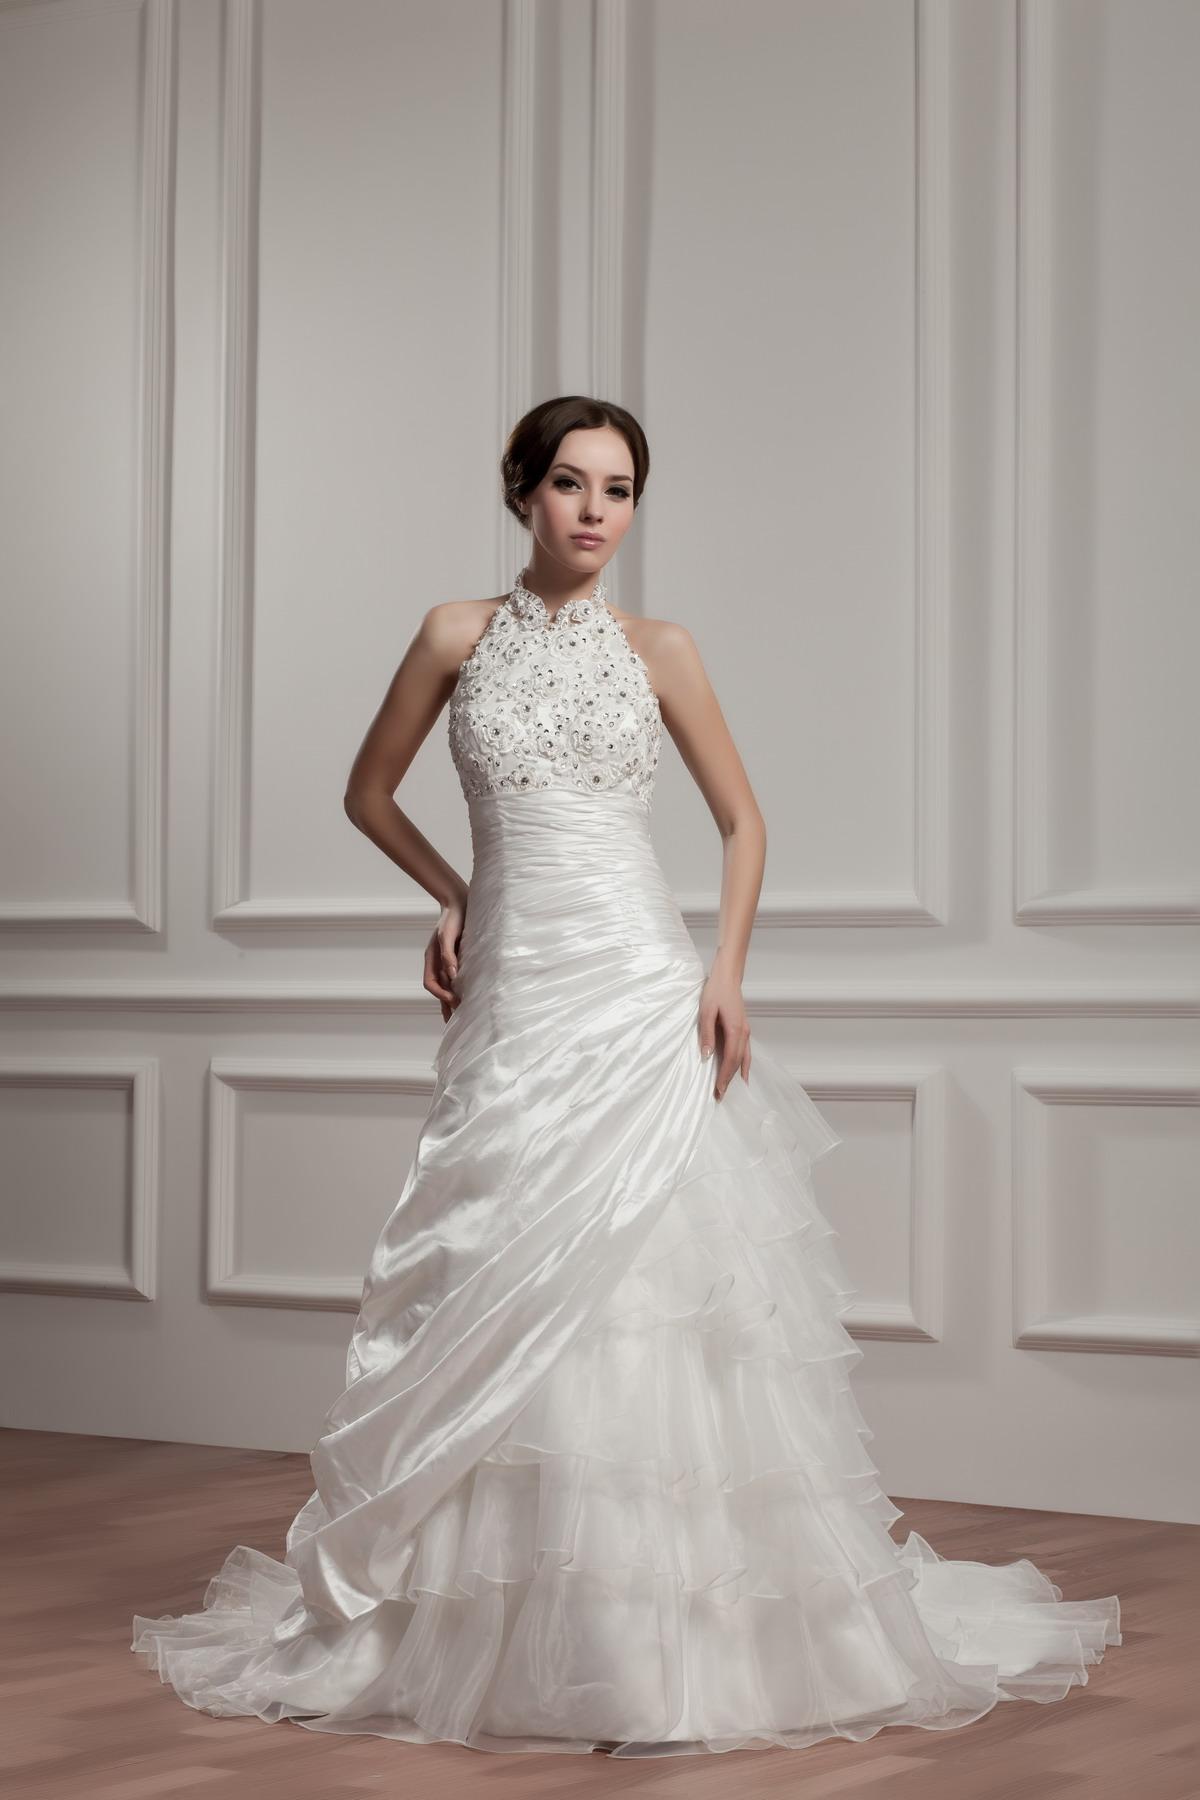 Magasins en ligne de robe de mariage canadienne peinture for Magasins de robe de mariage nj